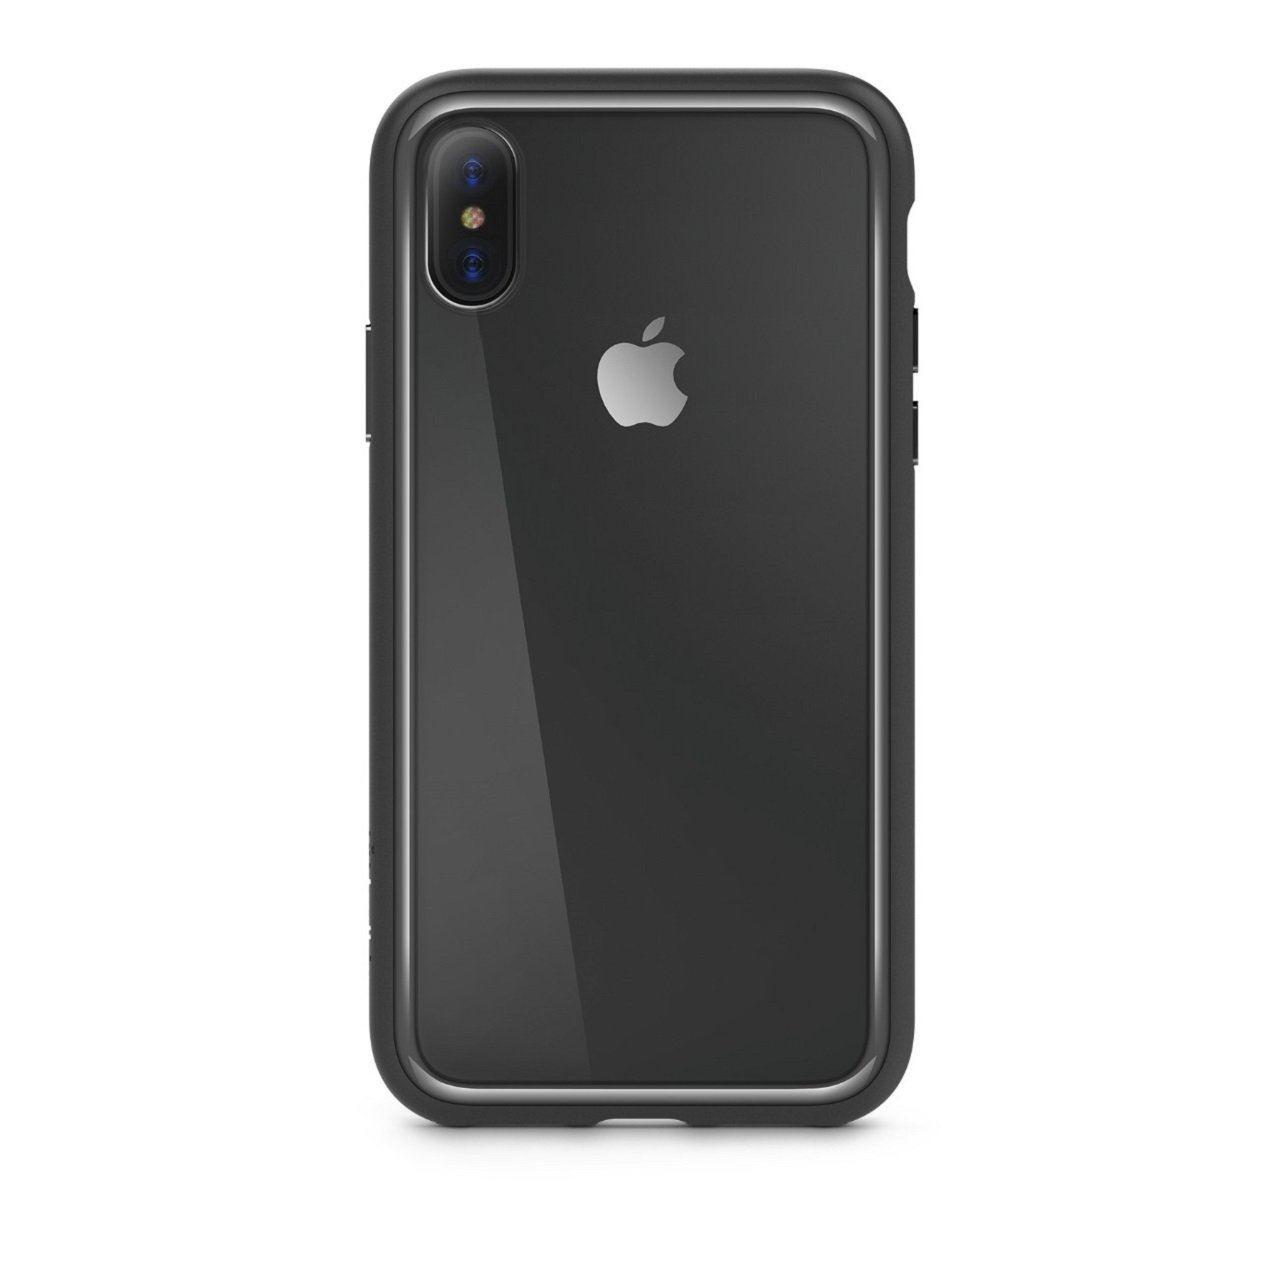 Indexbild 14 - Belkin sheerforce Elite Drop schützende resistente transparente Schutzhülle für iPhone x